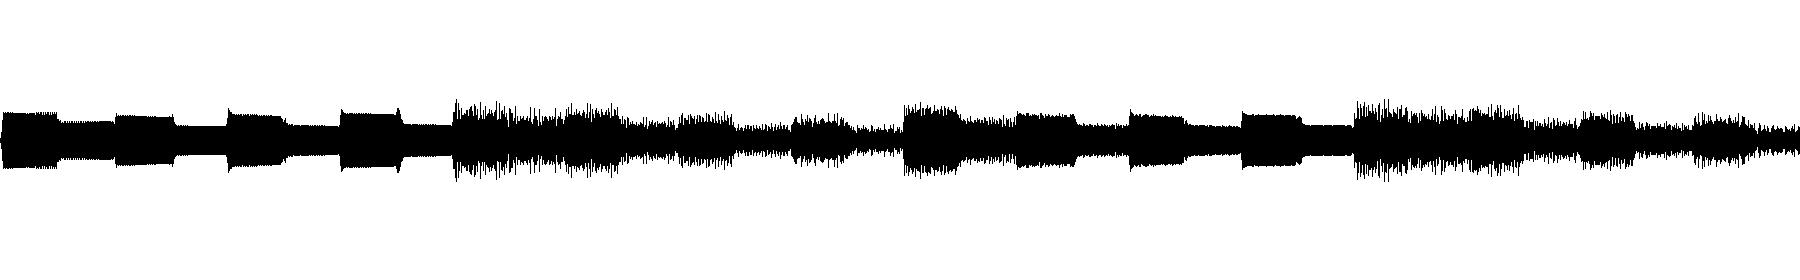 flute 155bpm